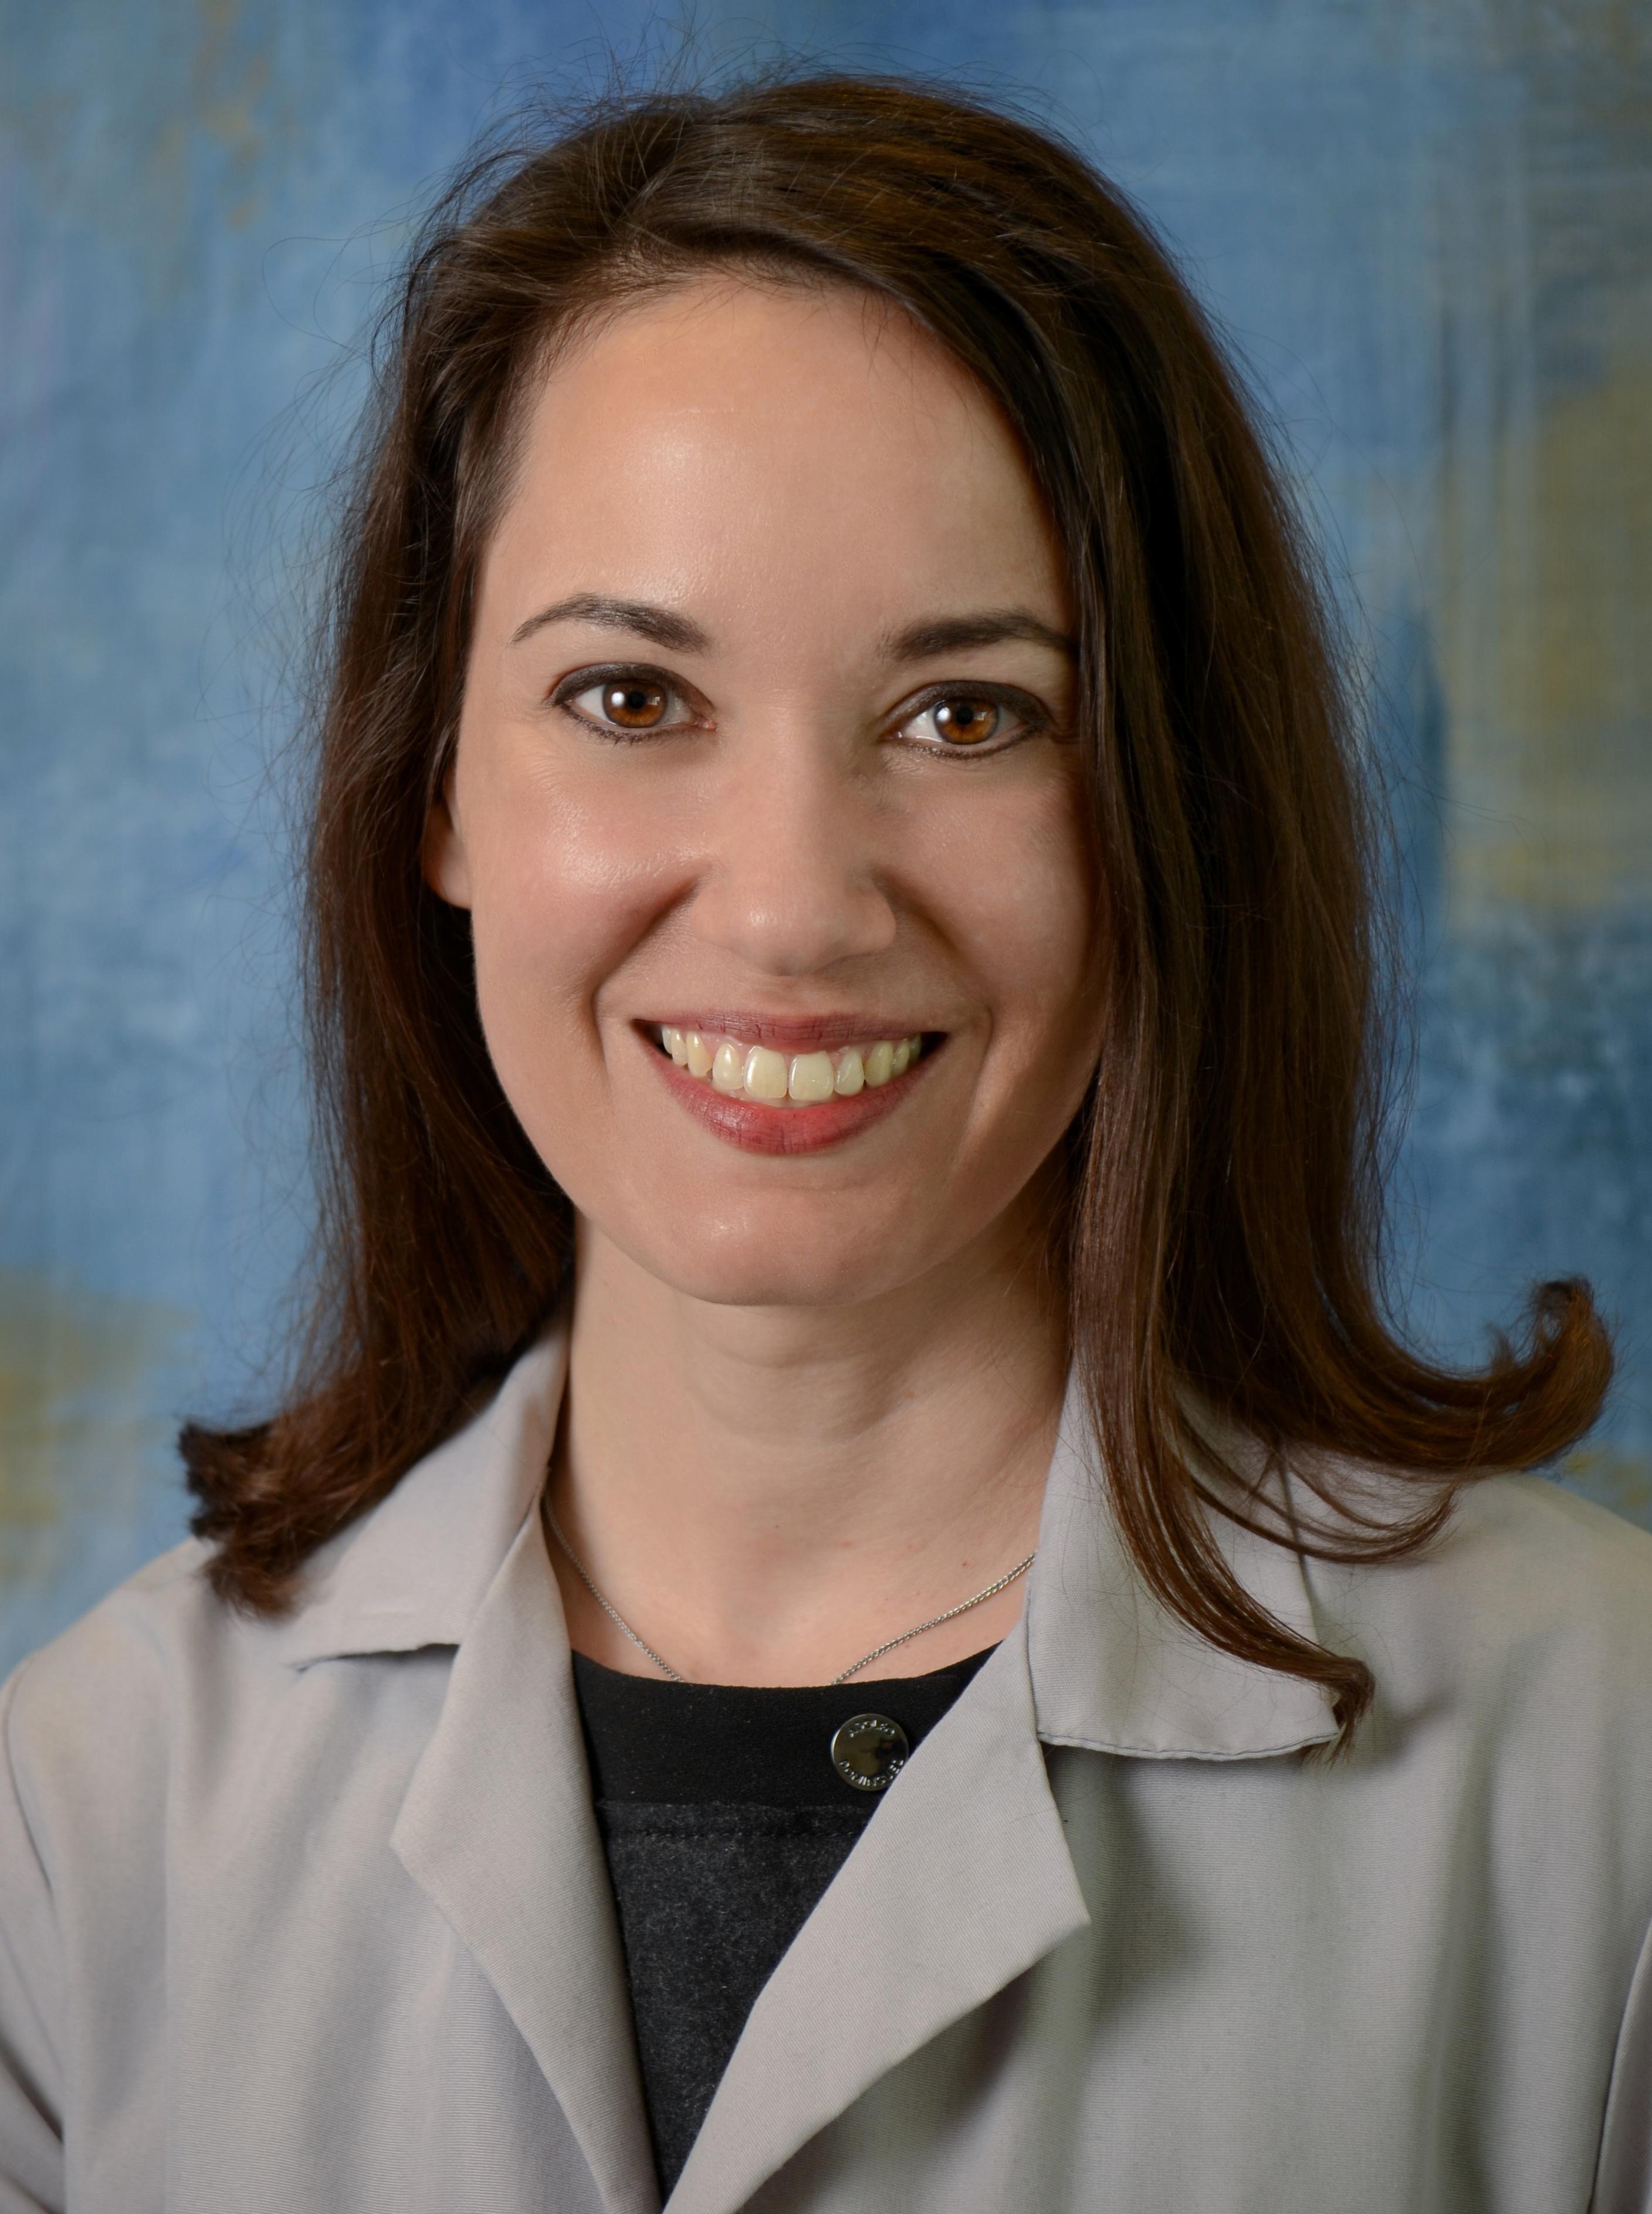 Sheila M. Badri, MD